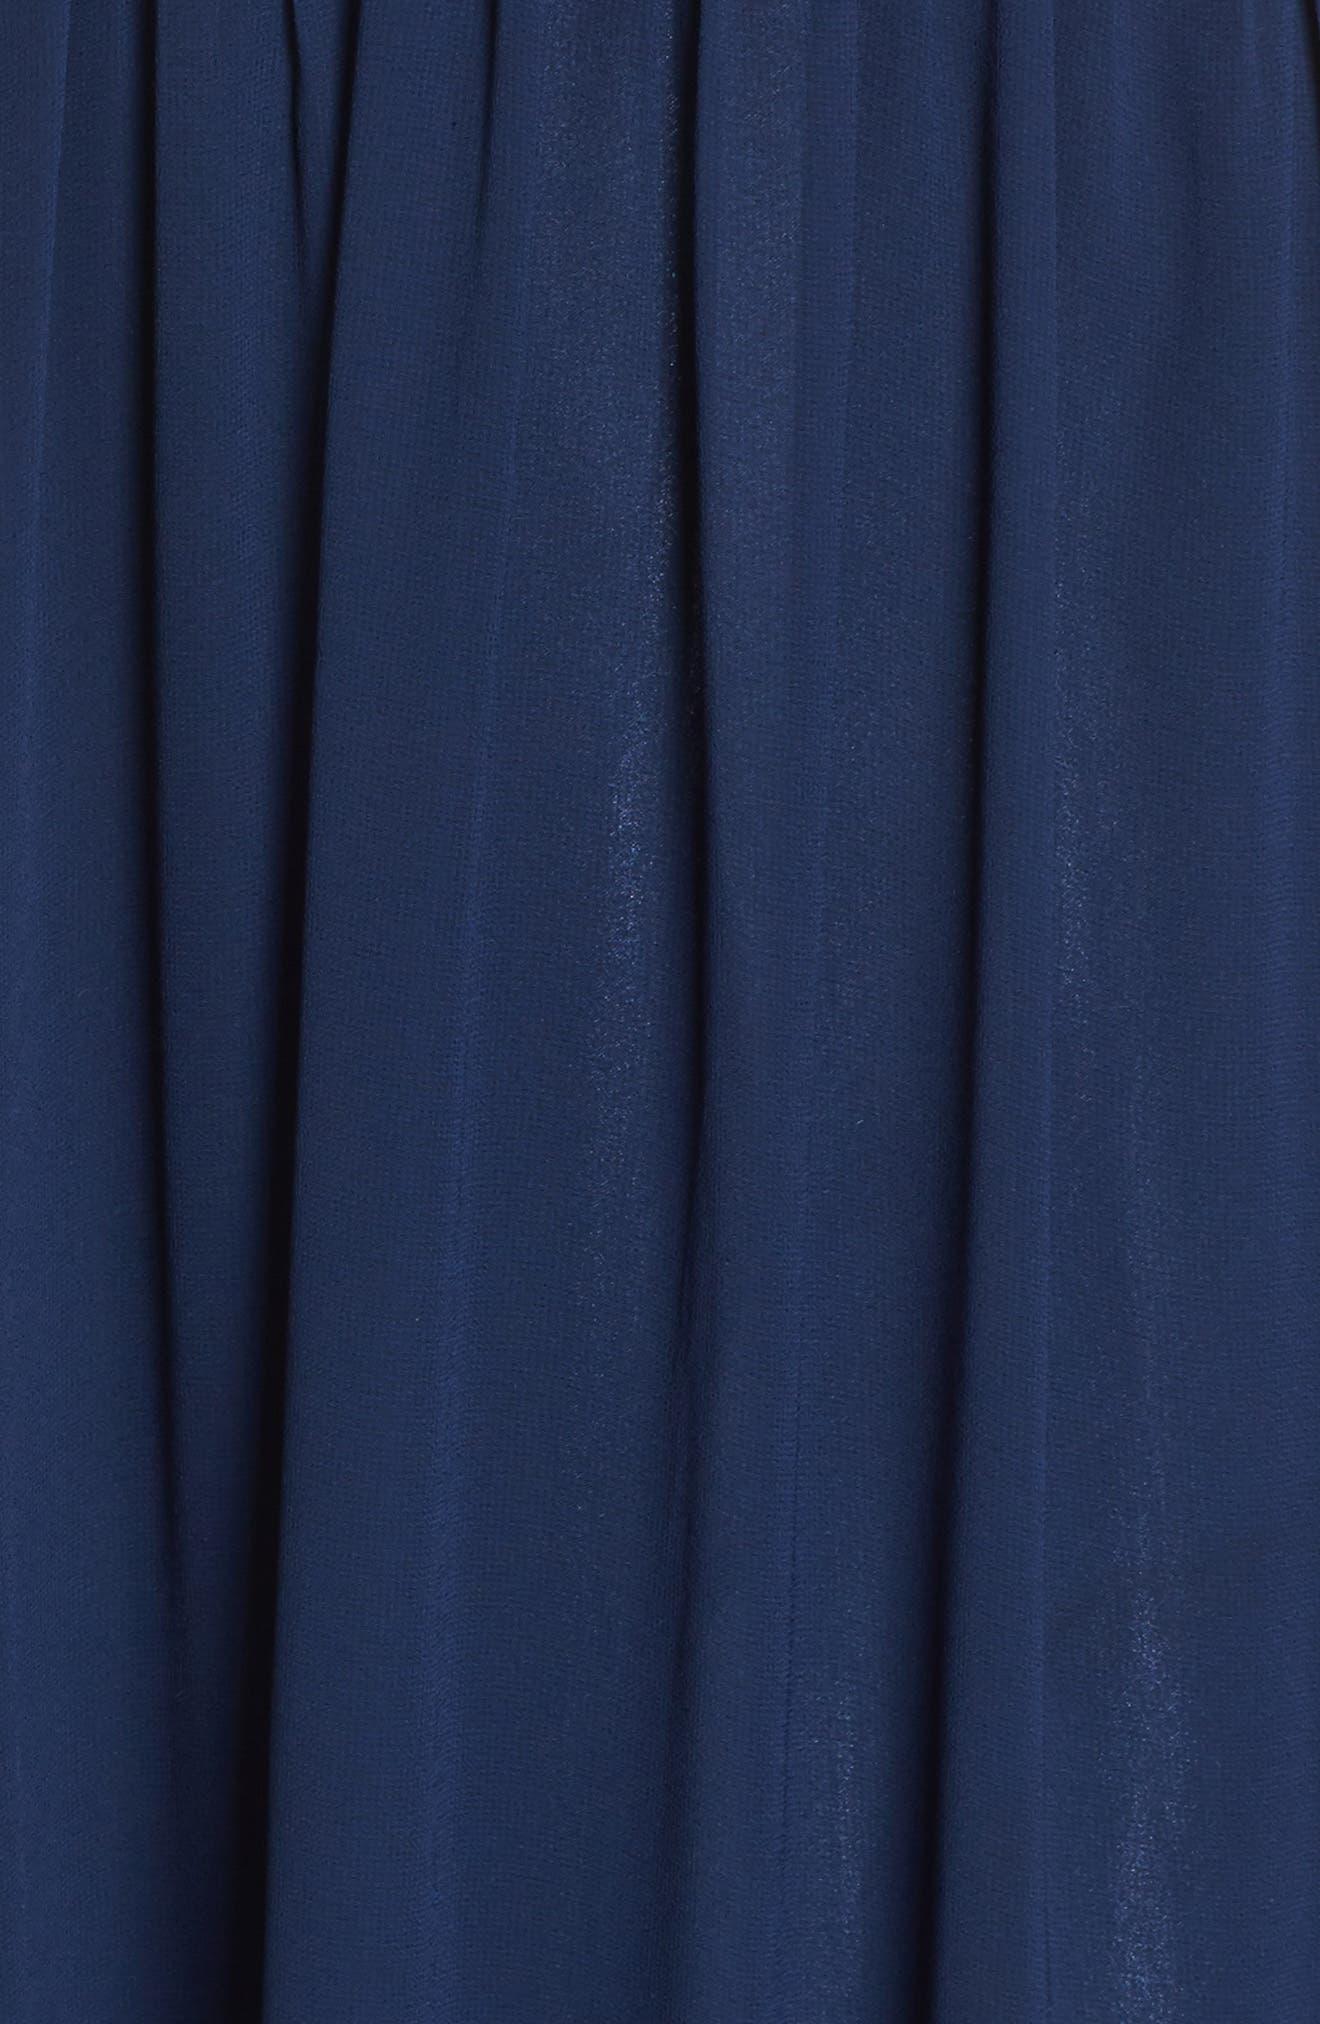 Appliqué Illusion Gown,                             Alternate thumbnail 5, color,                             Navy